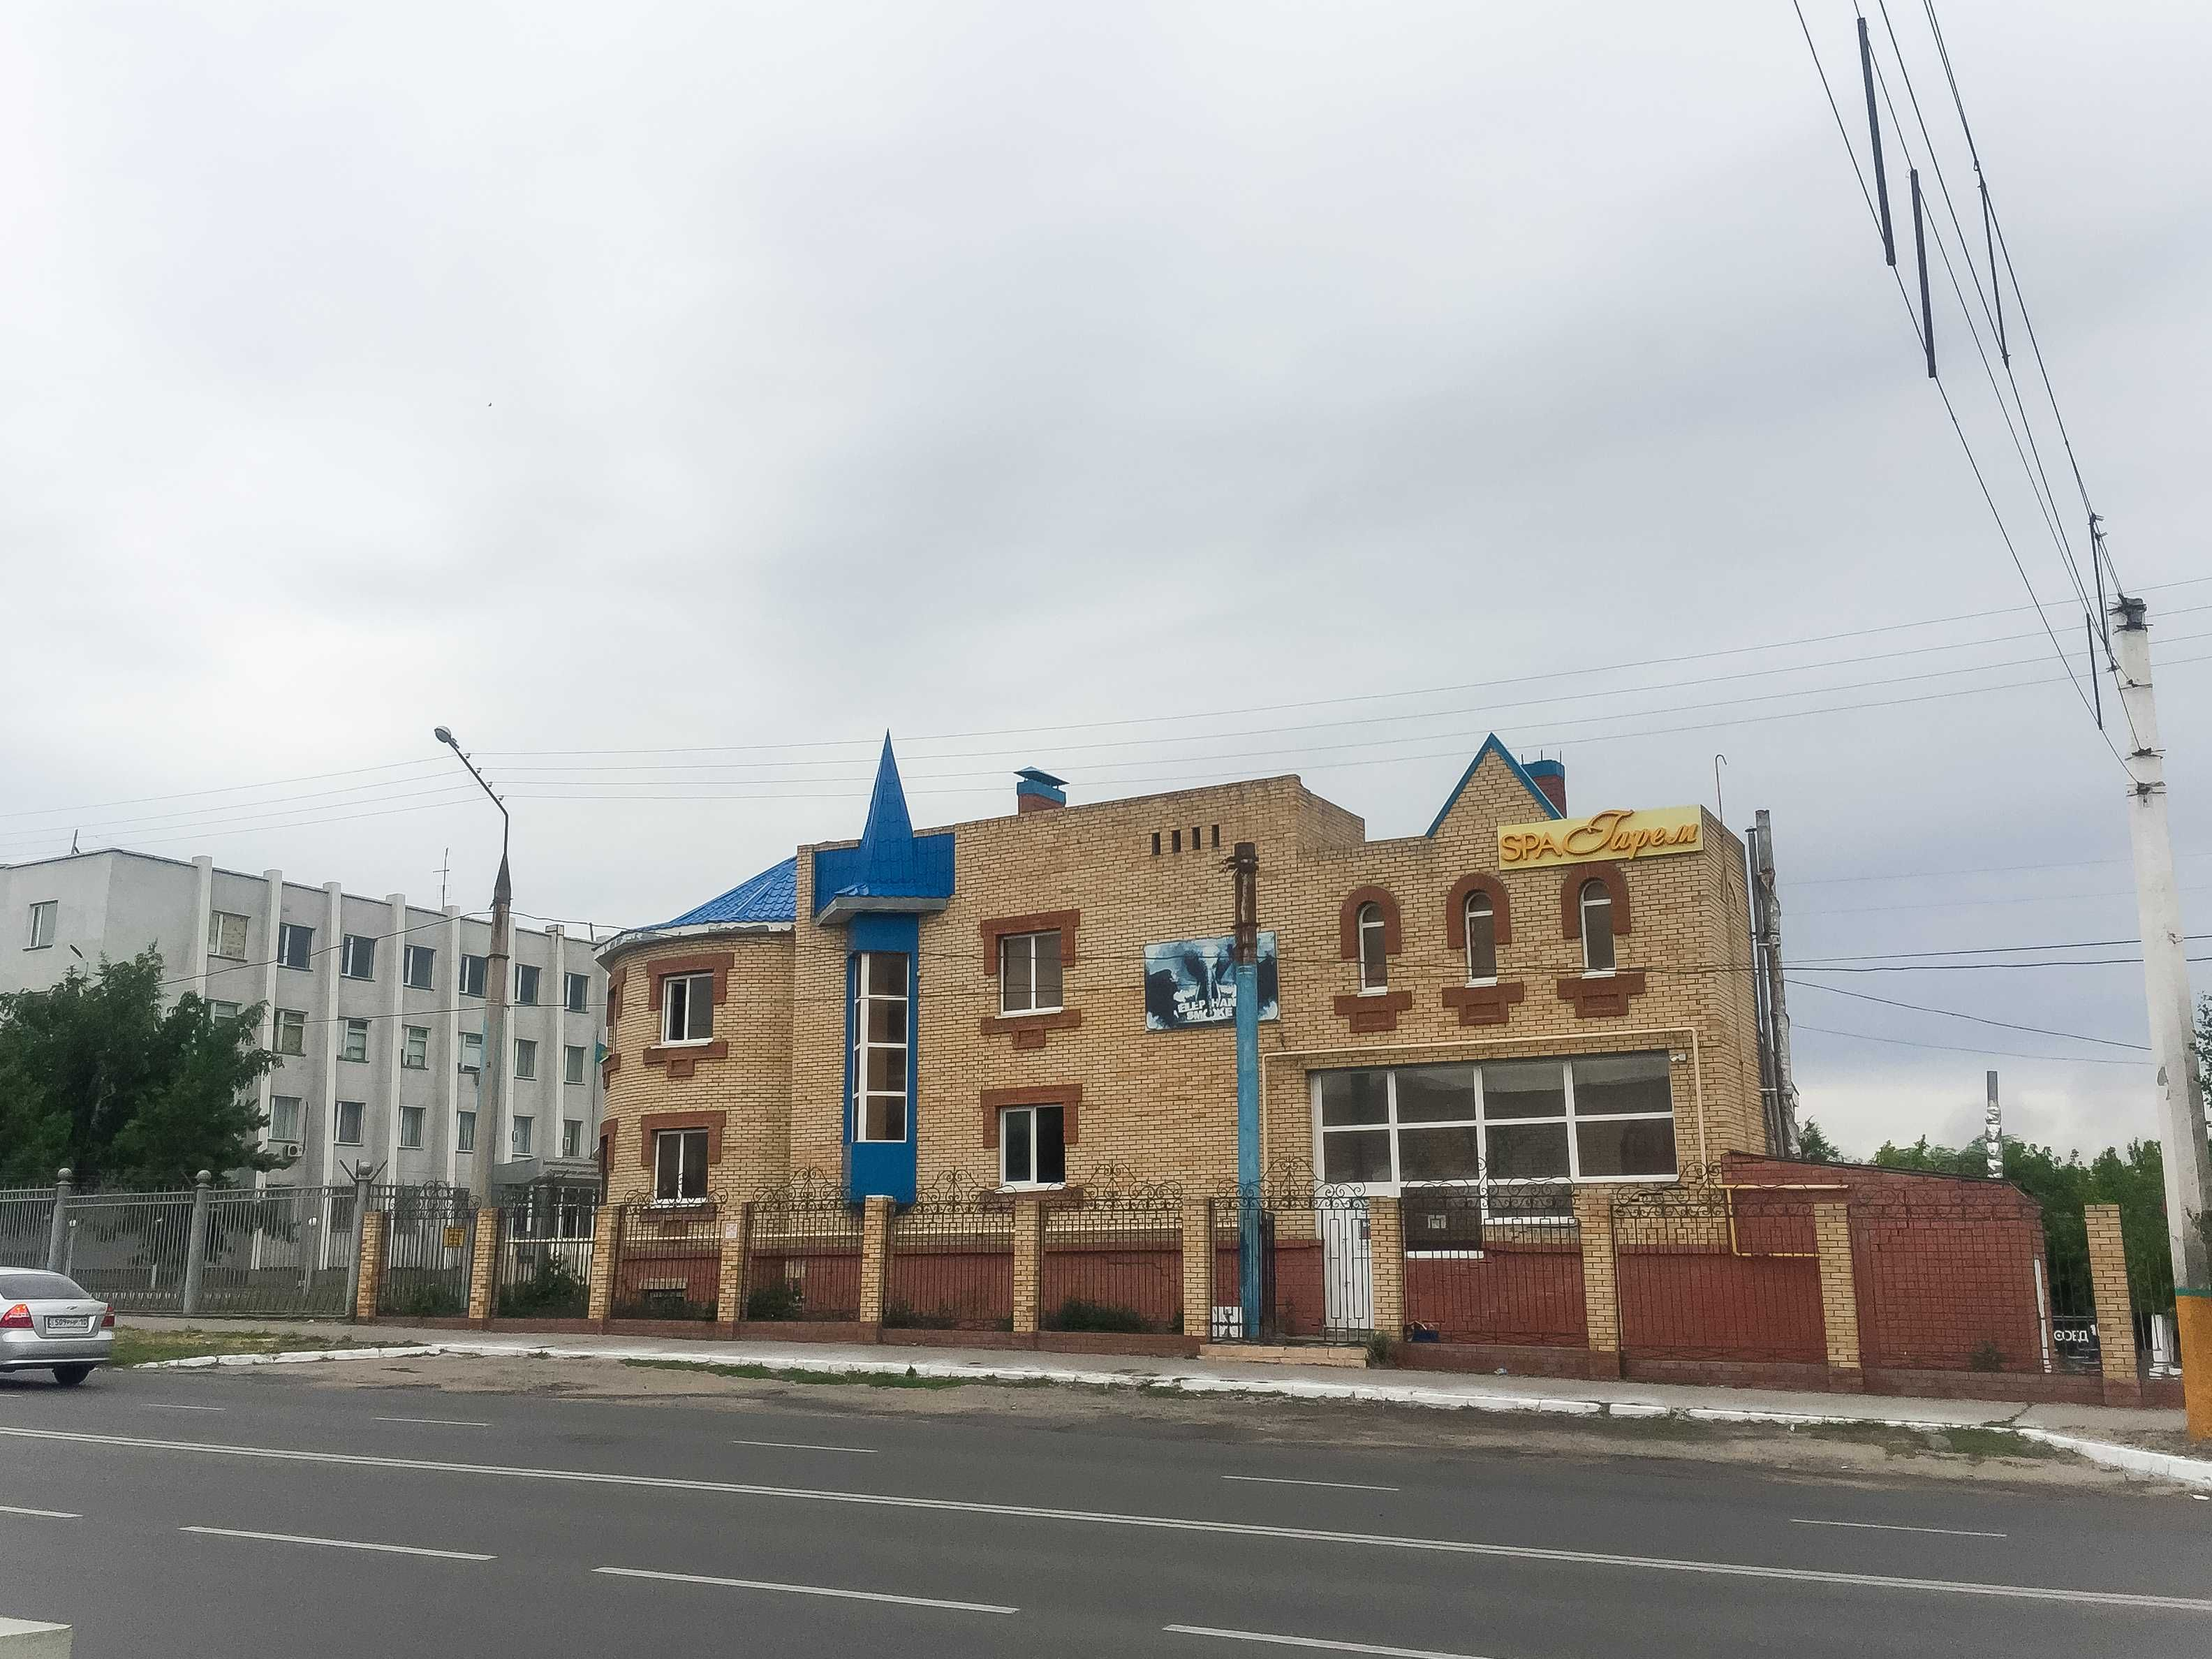 Продам здание в центре города 800 кв.м. на участке 15.7 соток 118 млн.